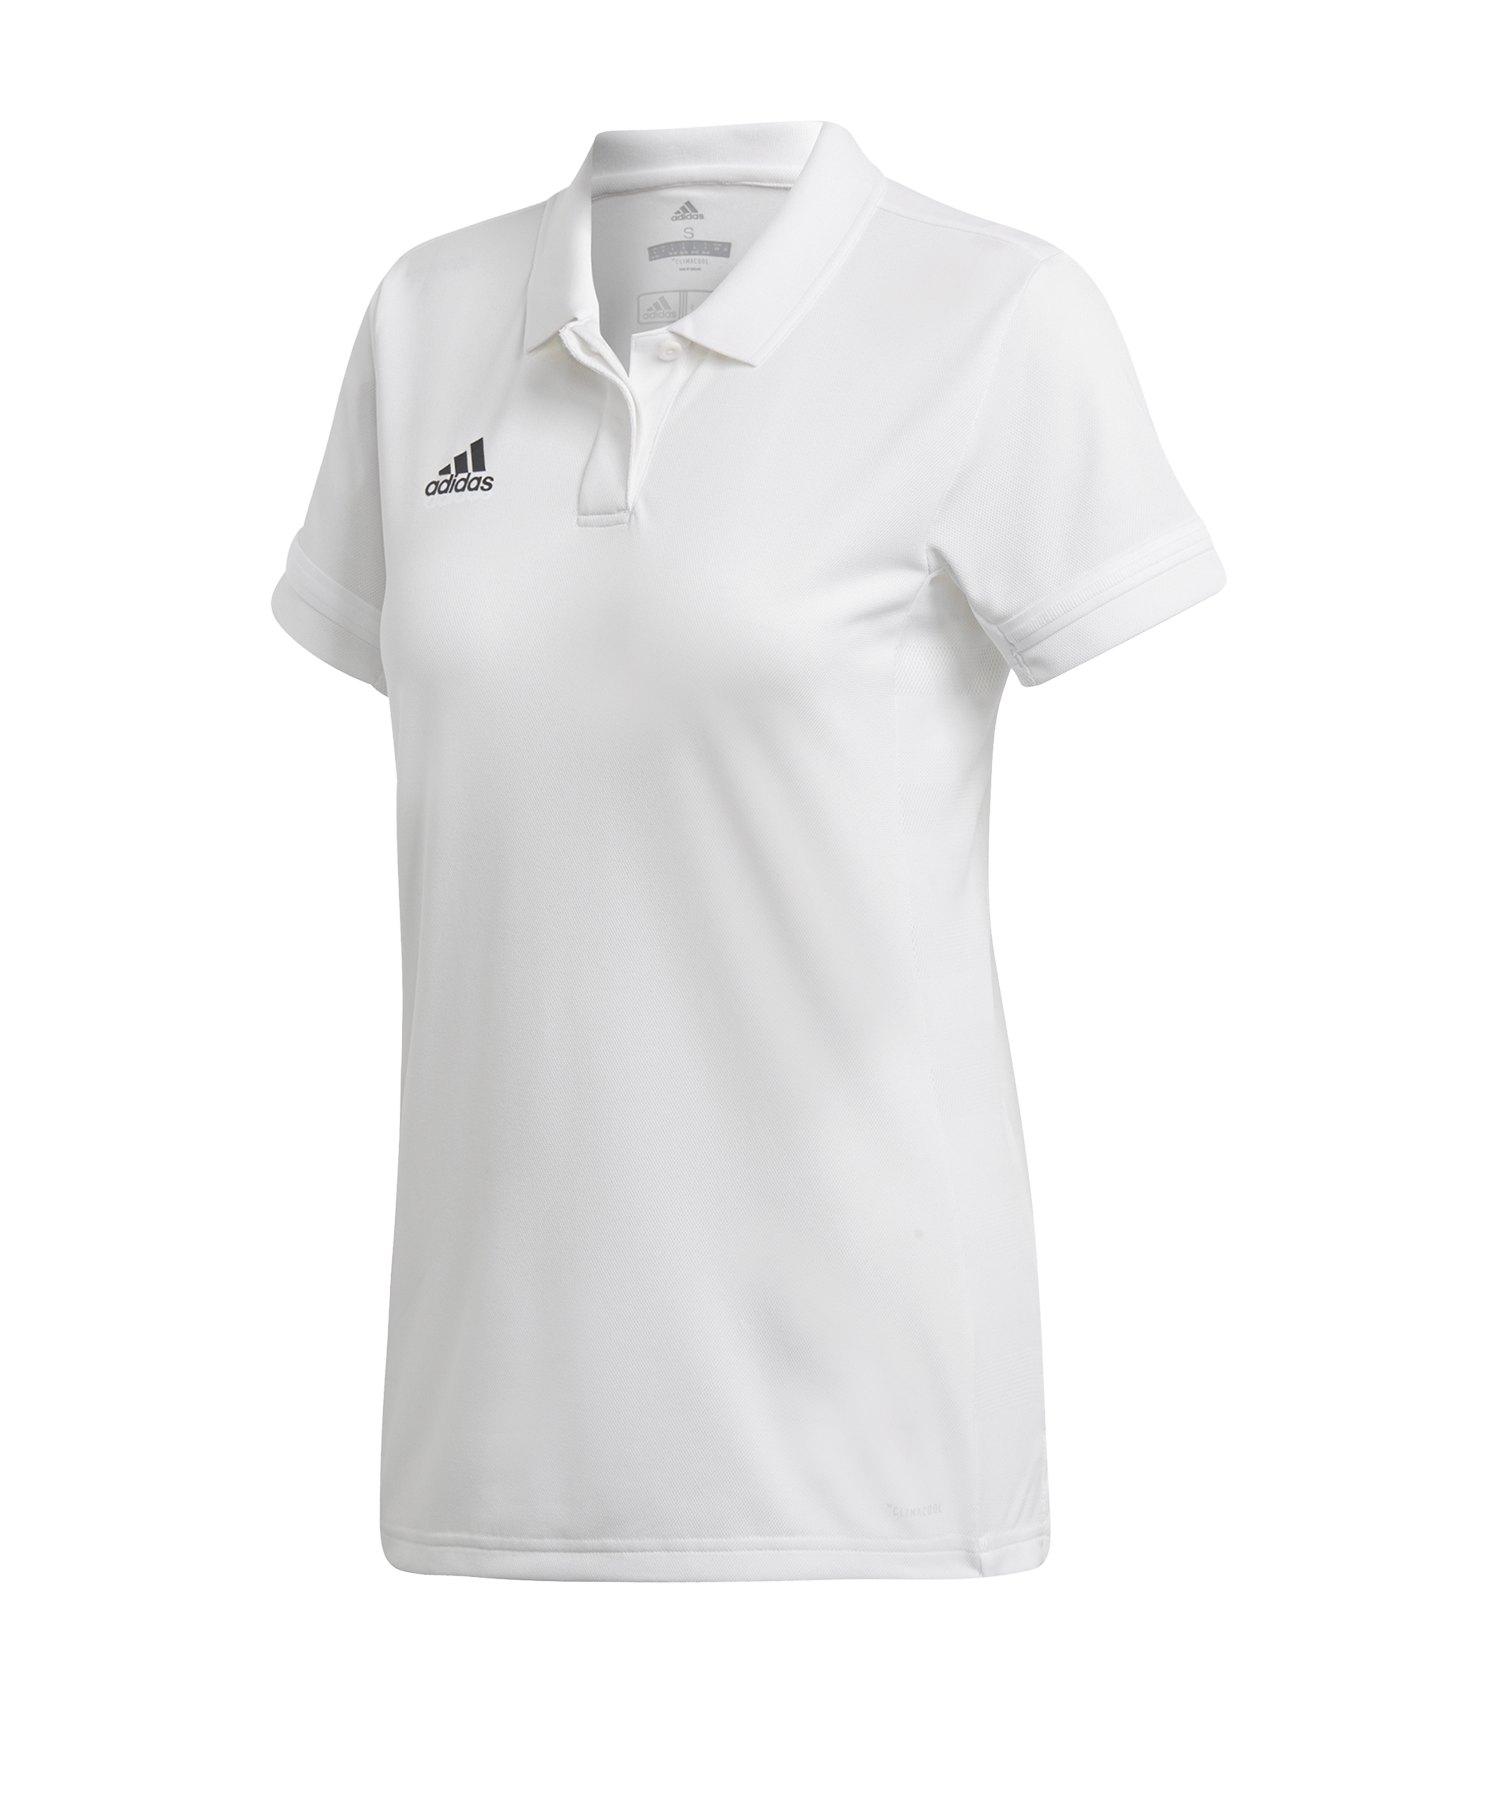 adidas Team 19 Poloshirt Damen Weiss - weiss